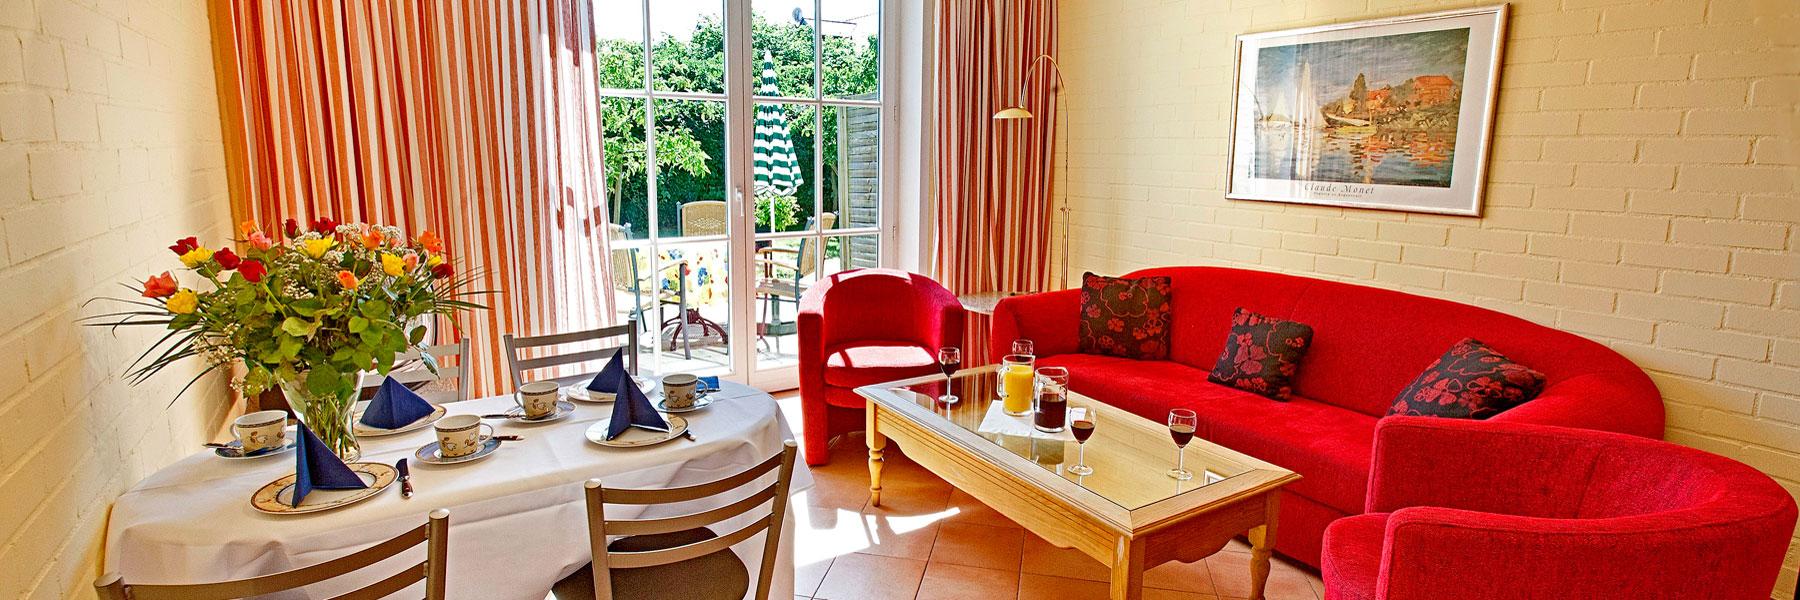 Ferienwohnung - Villa Edda (Hotel-Garni - Ferienwohnungen - Appartements)